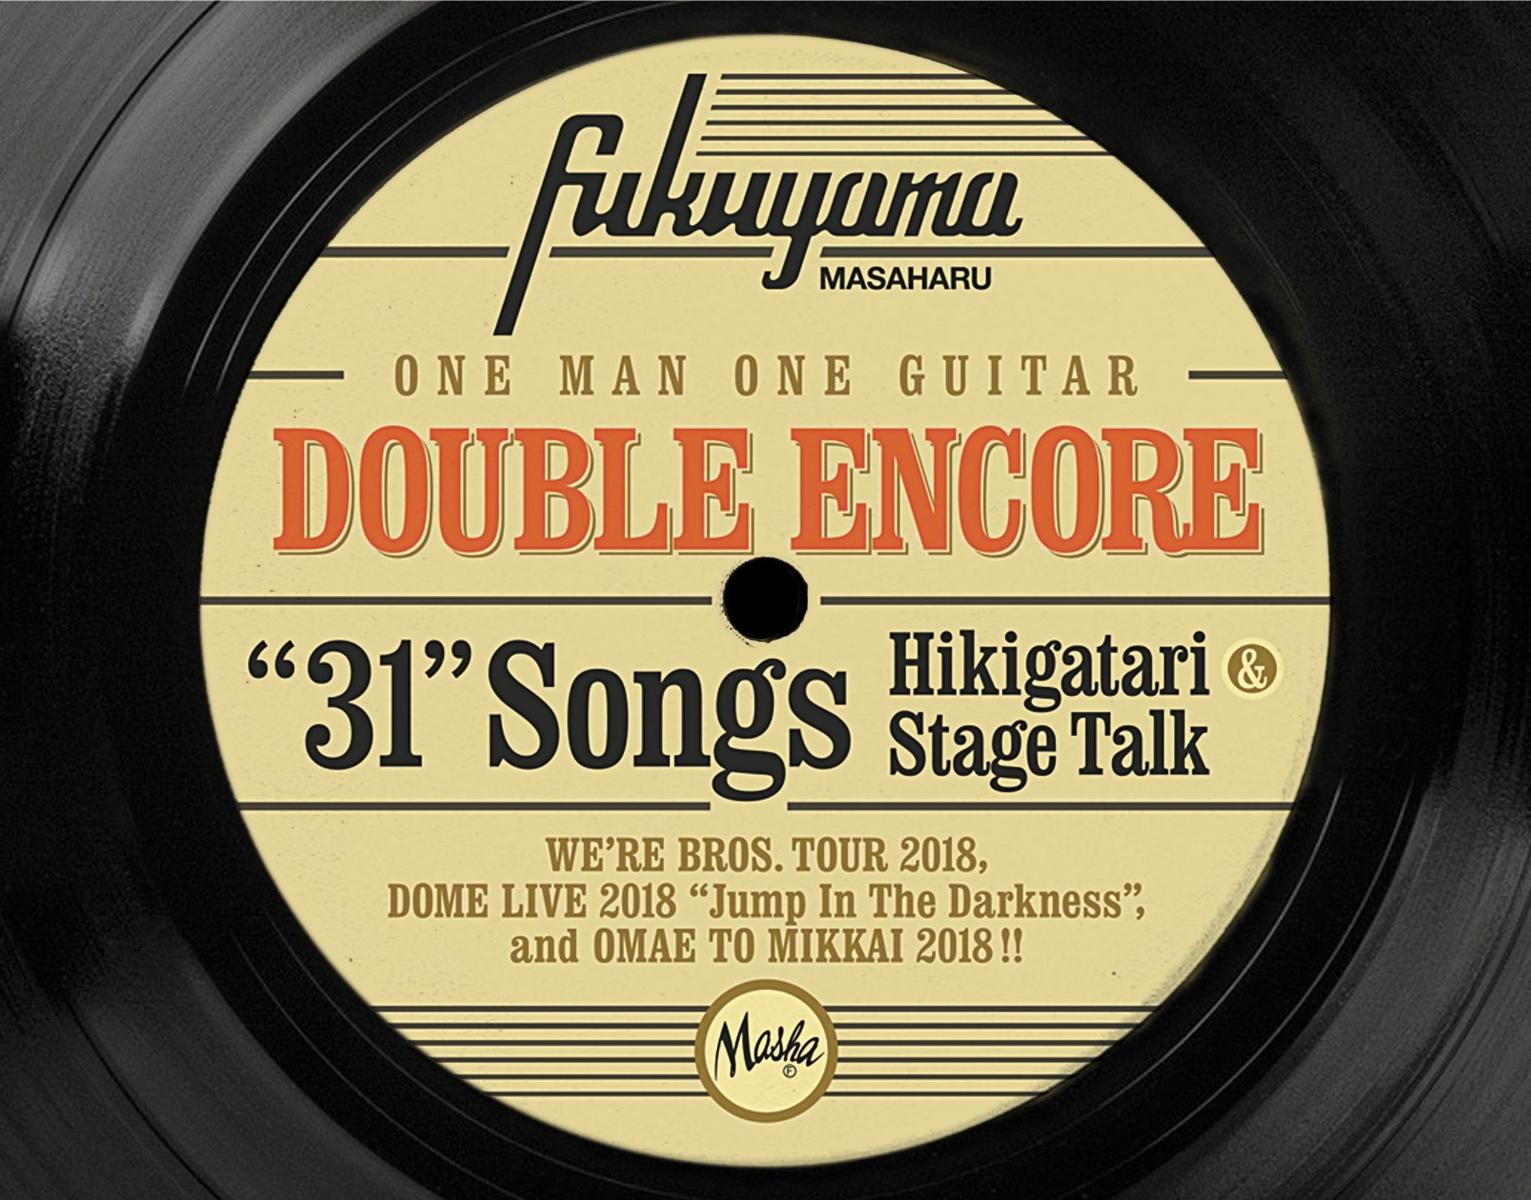 福山雅治 DOUBLE ENCORE (初回限定盤 4CD+Blu-ray)